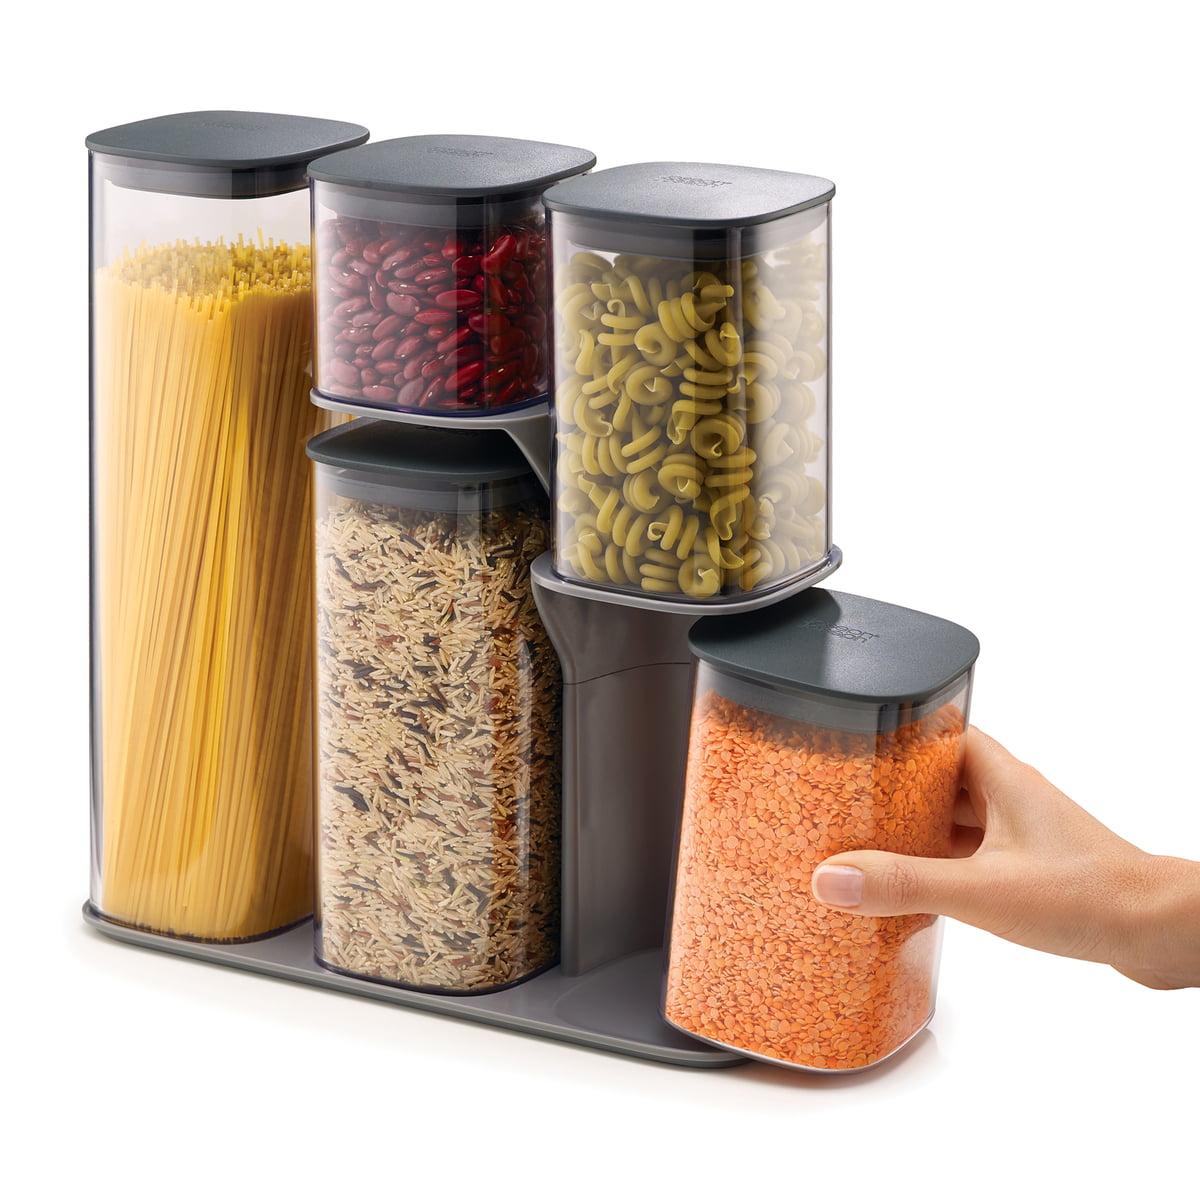 Full Size of Aufbewahrungsbehälter Küche Kaufen Aufbewahrungsbehälter Küchenutensilien Aufbewahrungsbehälter Küche Ikea Aufbewahrungsbehälter Für Küche Küche Aufbewahrungsbehälter Küche